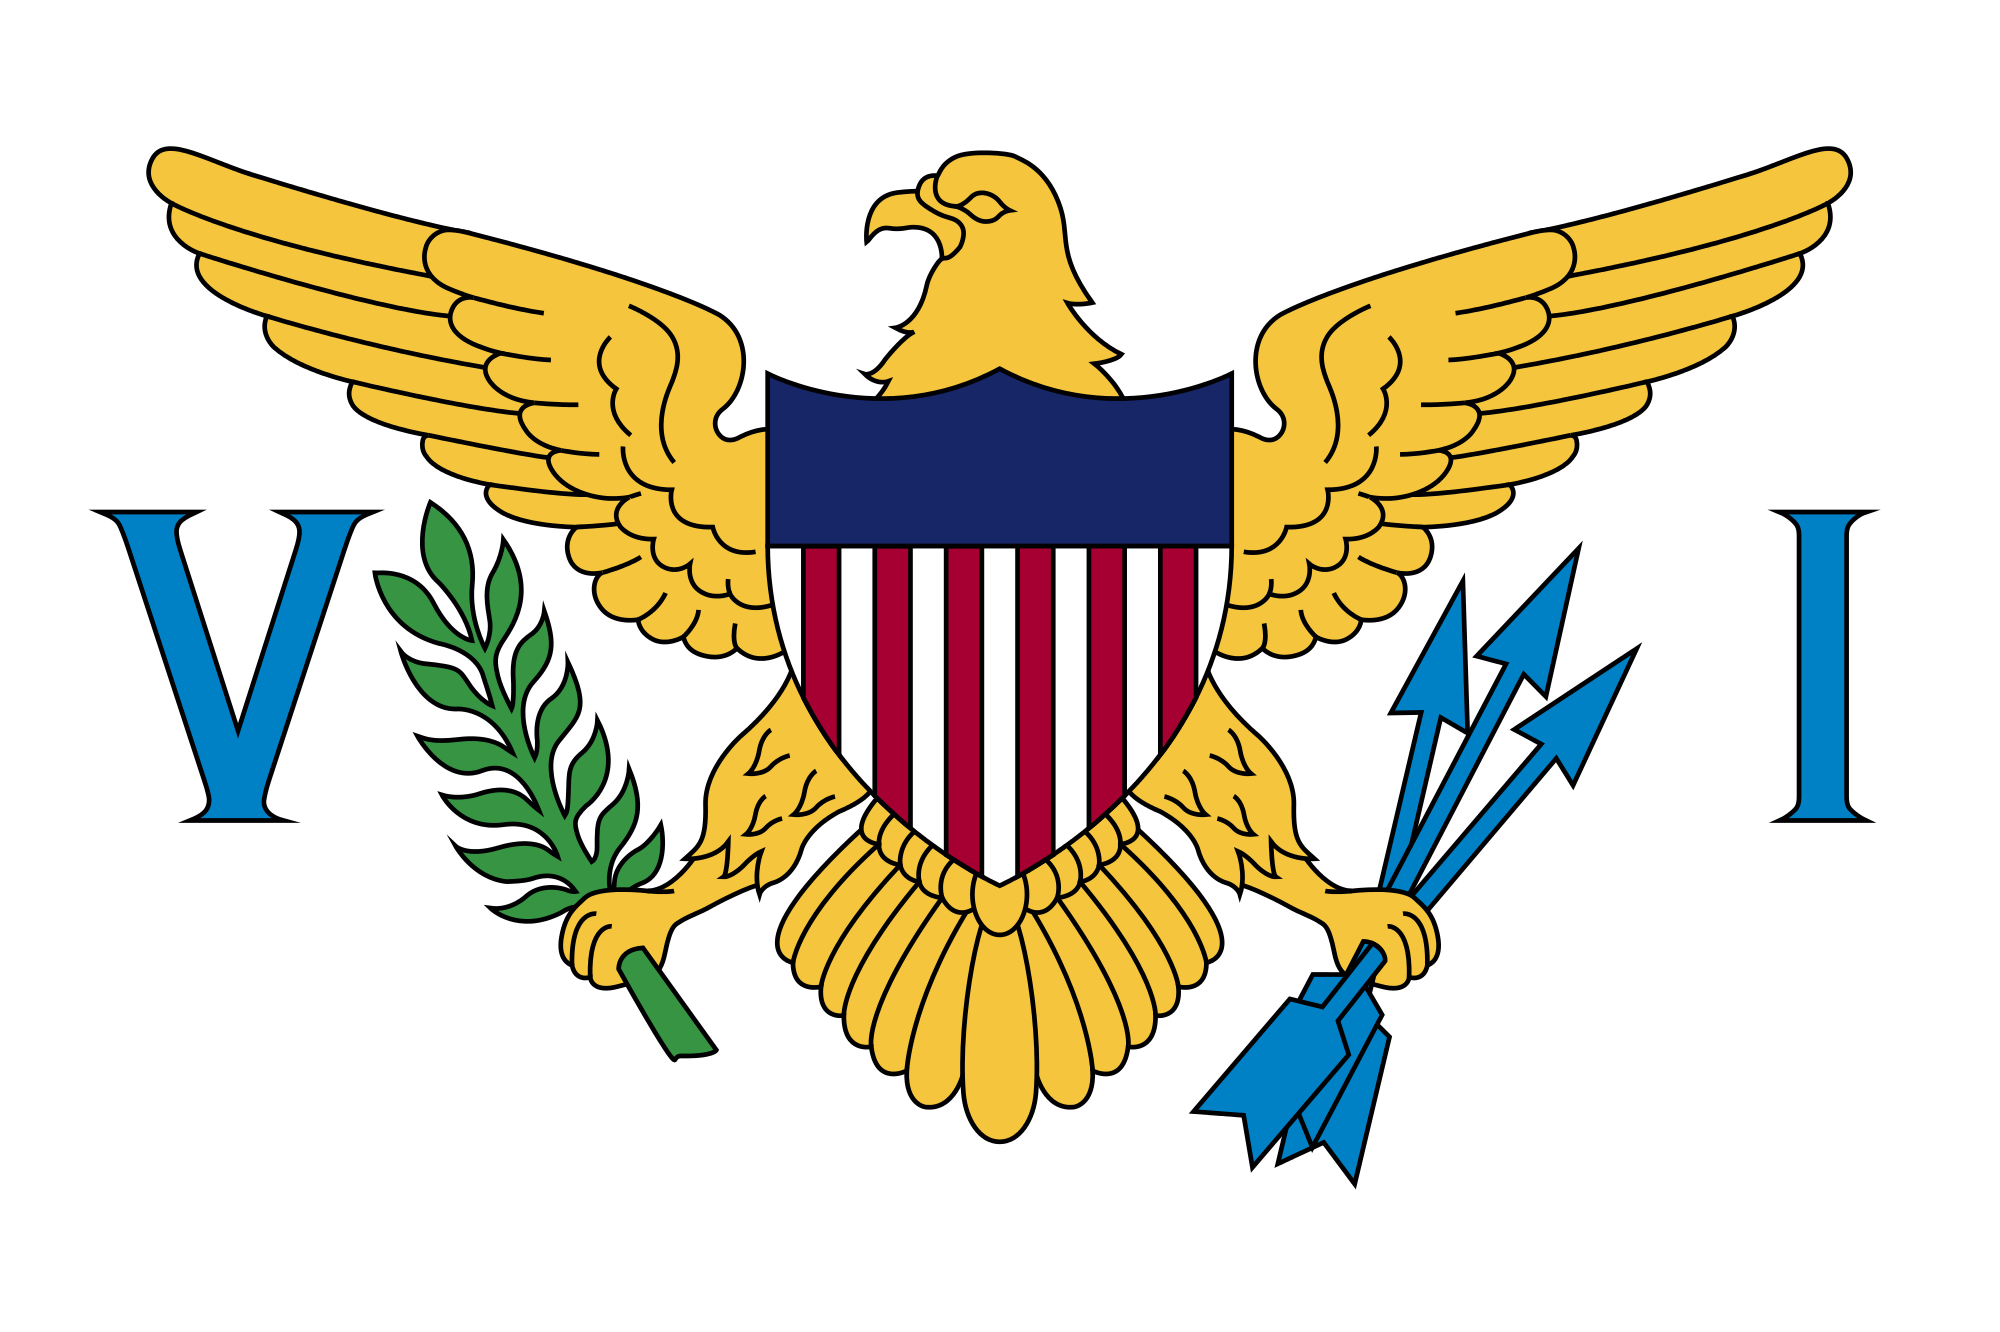 islas virgenes estadounidenses, 国, エンブレム, ロゴ, シンボル - HD の壁紙 - 教授-falken.com